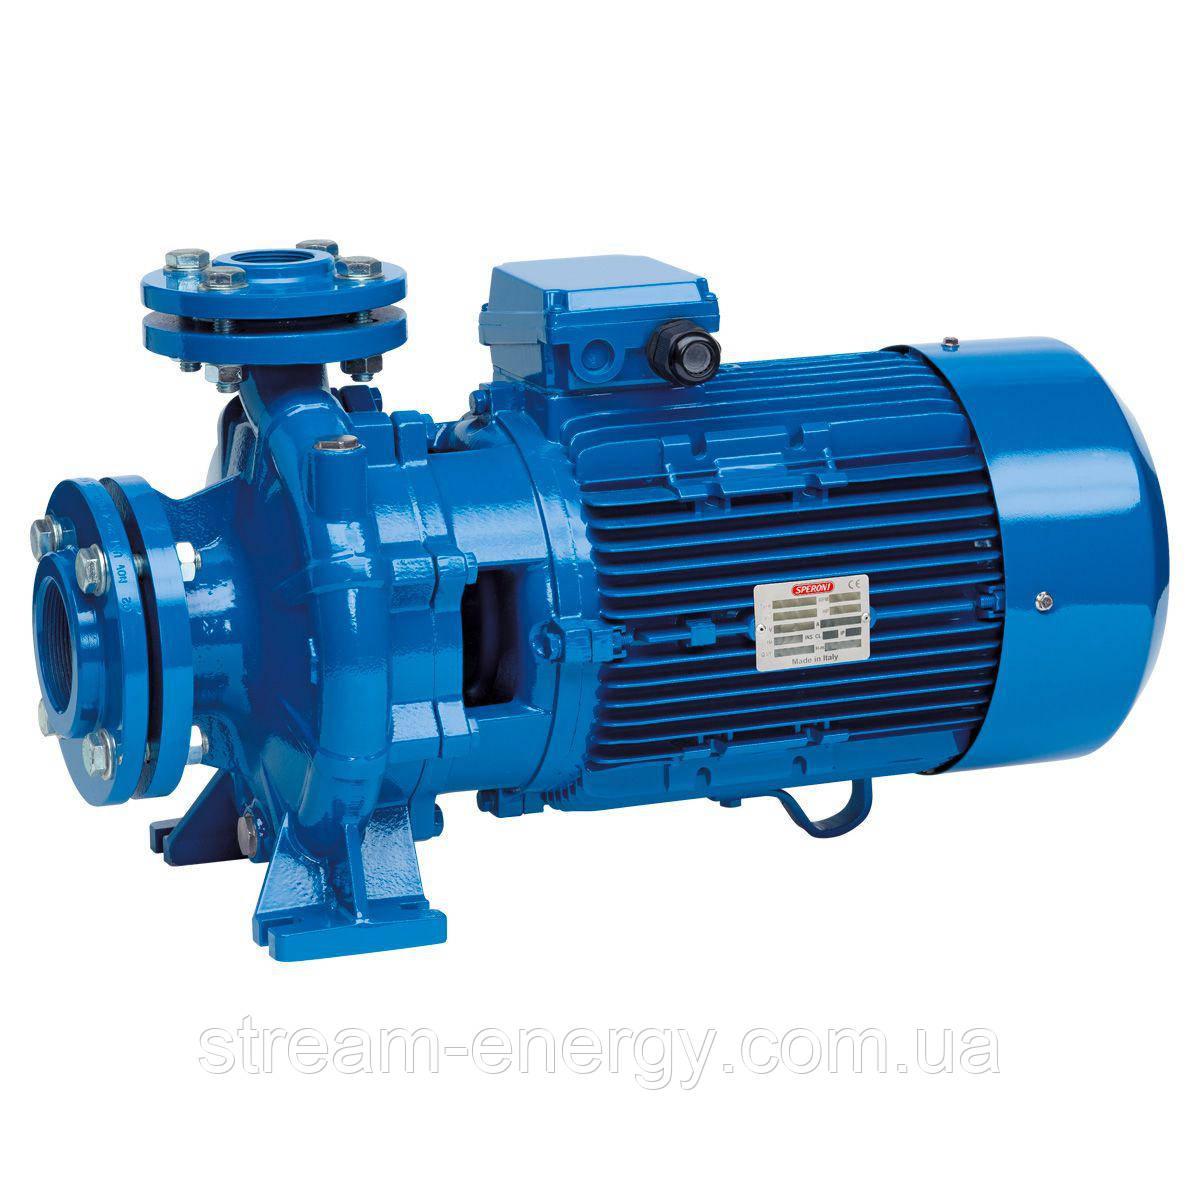 Відцентровий моноблочний насос Speroni CS 50-160D, подача до 72 м3/год